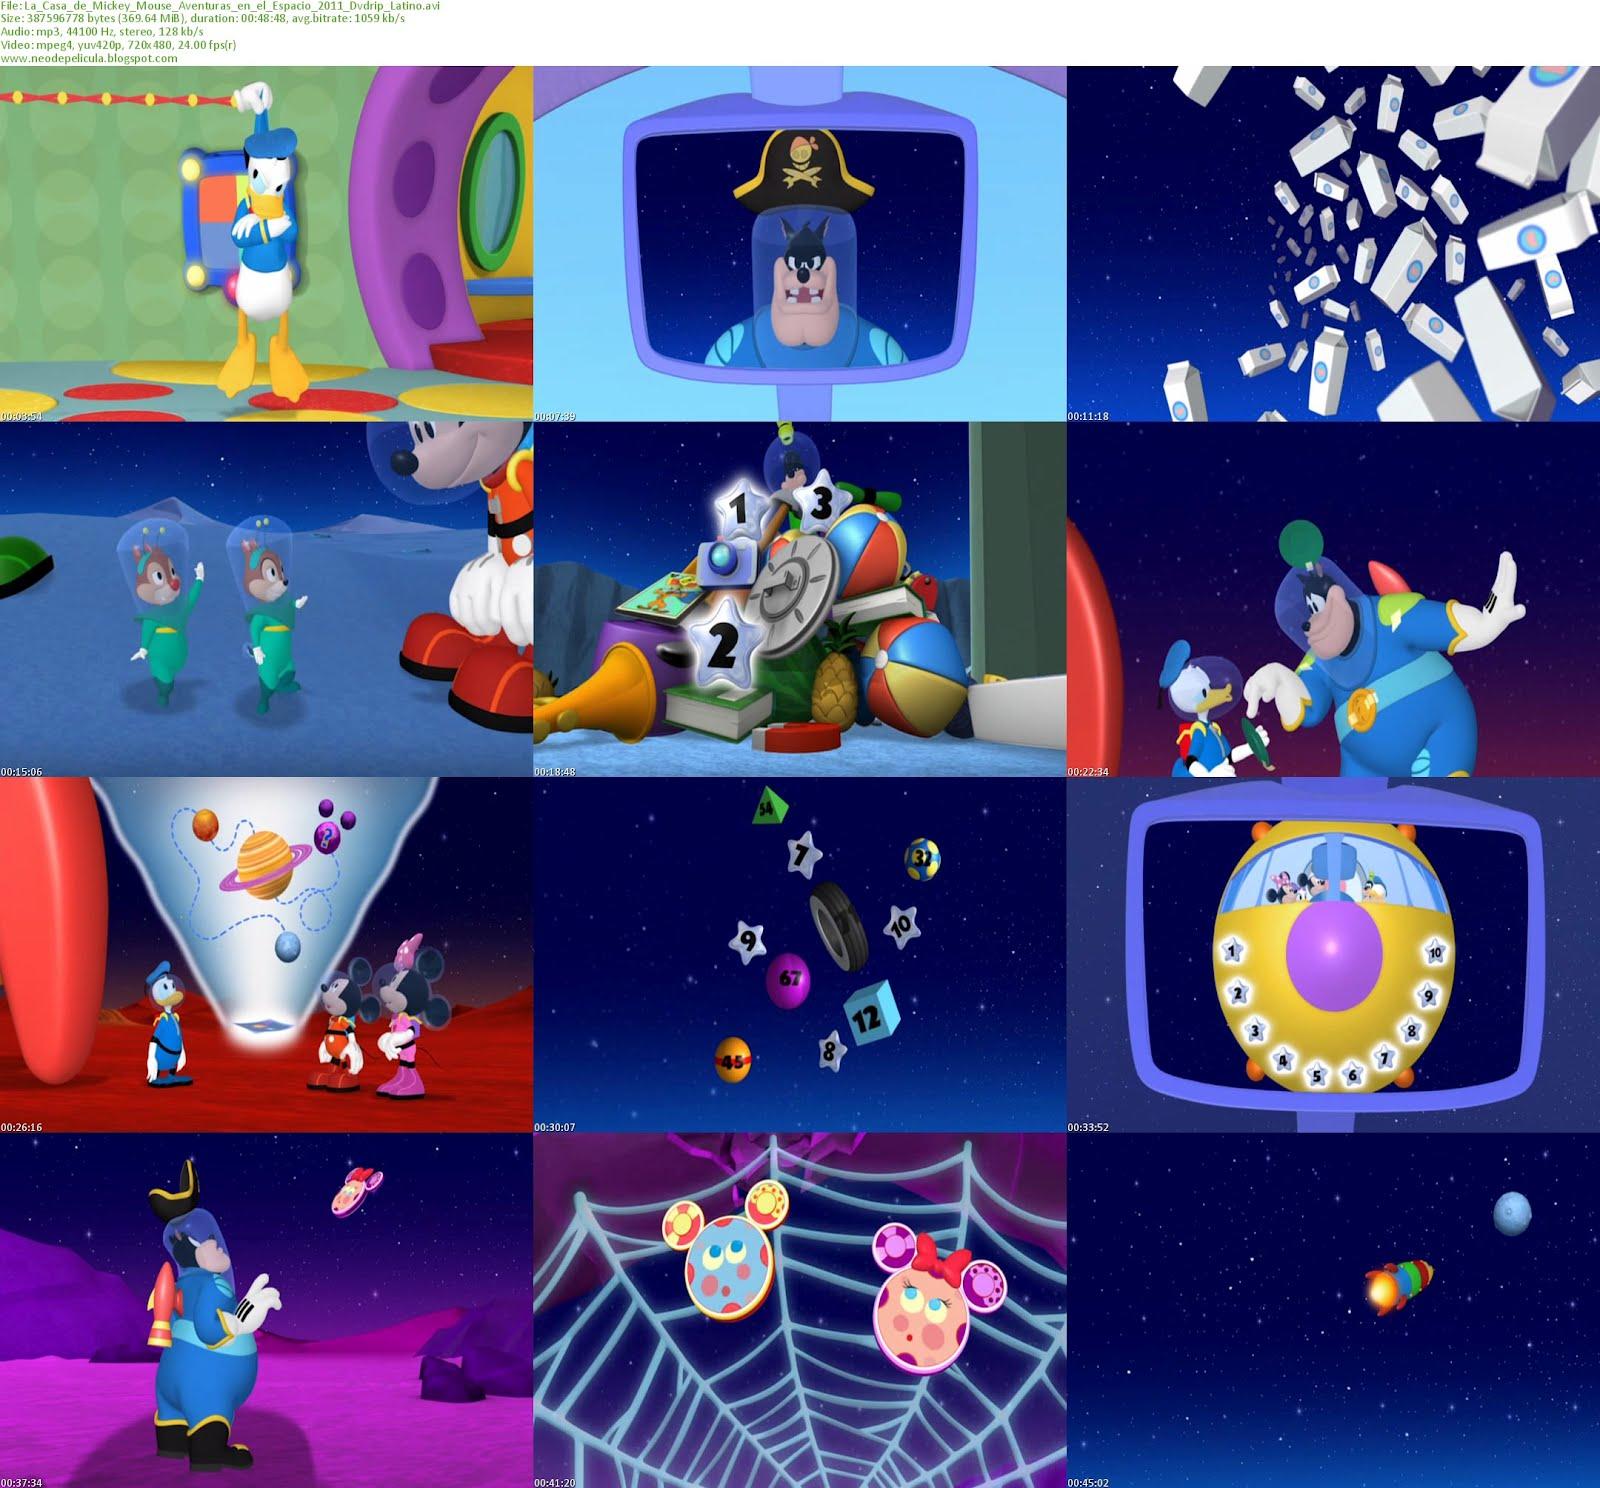 La Casa de Mickey Mouse: Aventuras en el espacio